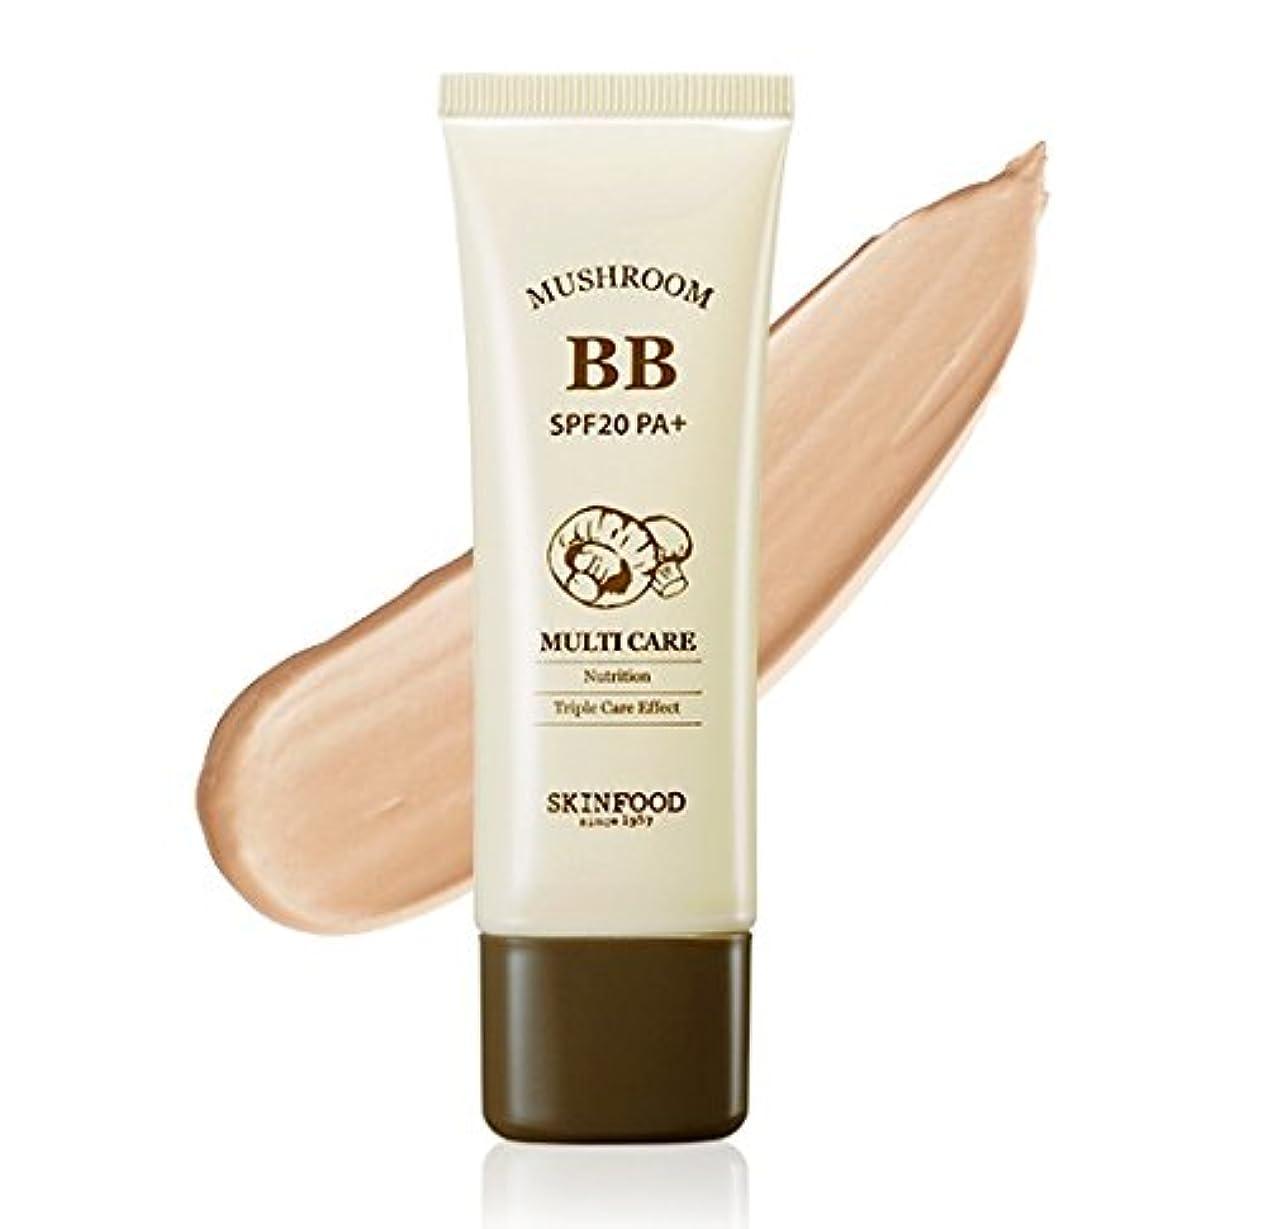 福祉ラジエーター最初#Bright skin SKINFOOD Mushroom Multi Care BB Cream スキンフード マッシュルーム マルチケア BB cream クリーム SPF20 PA+ [並行輸入品]